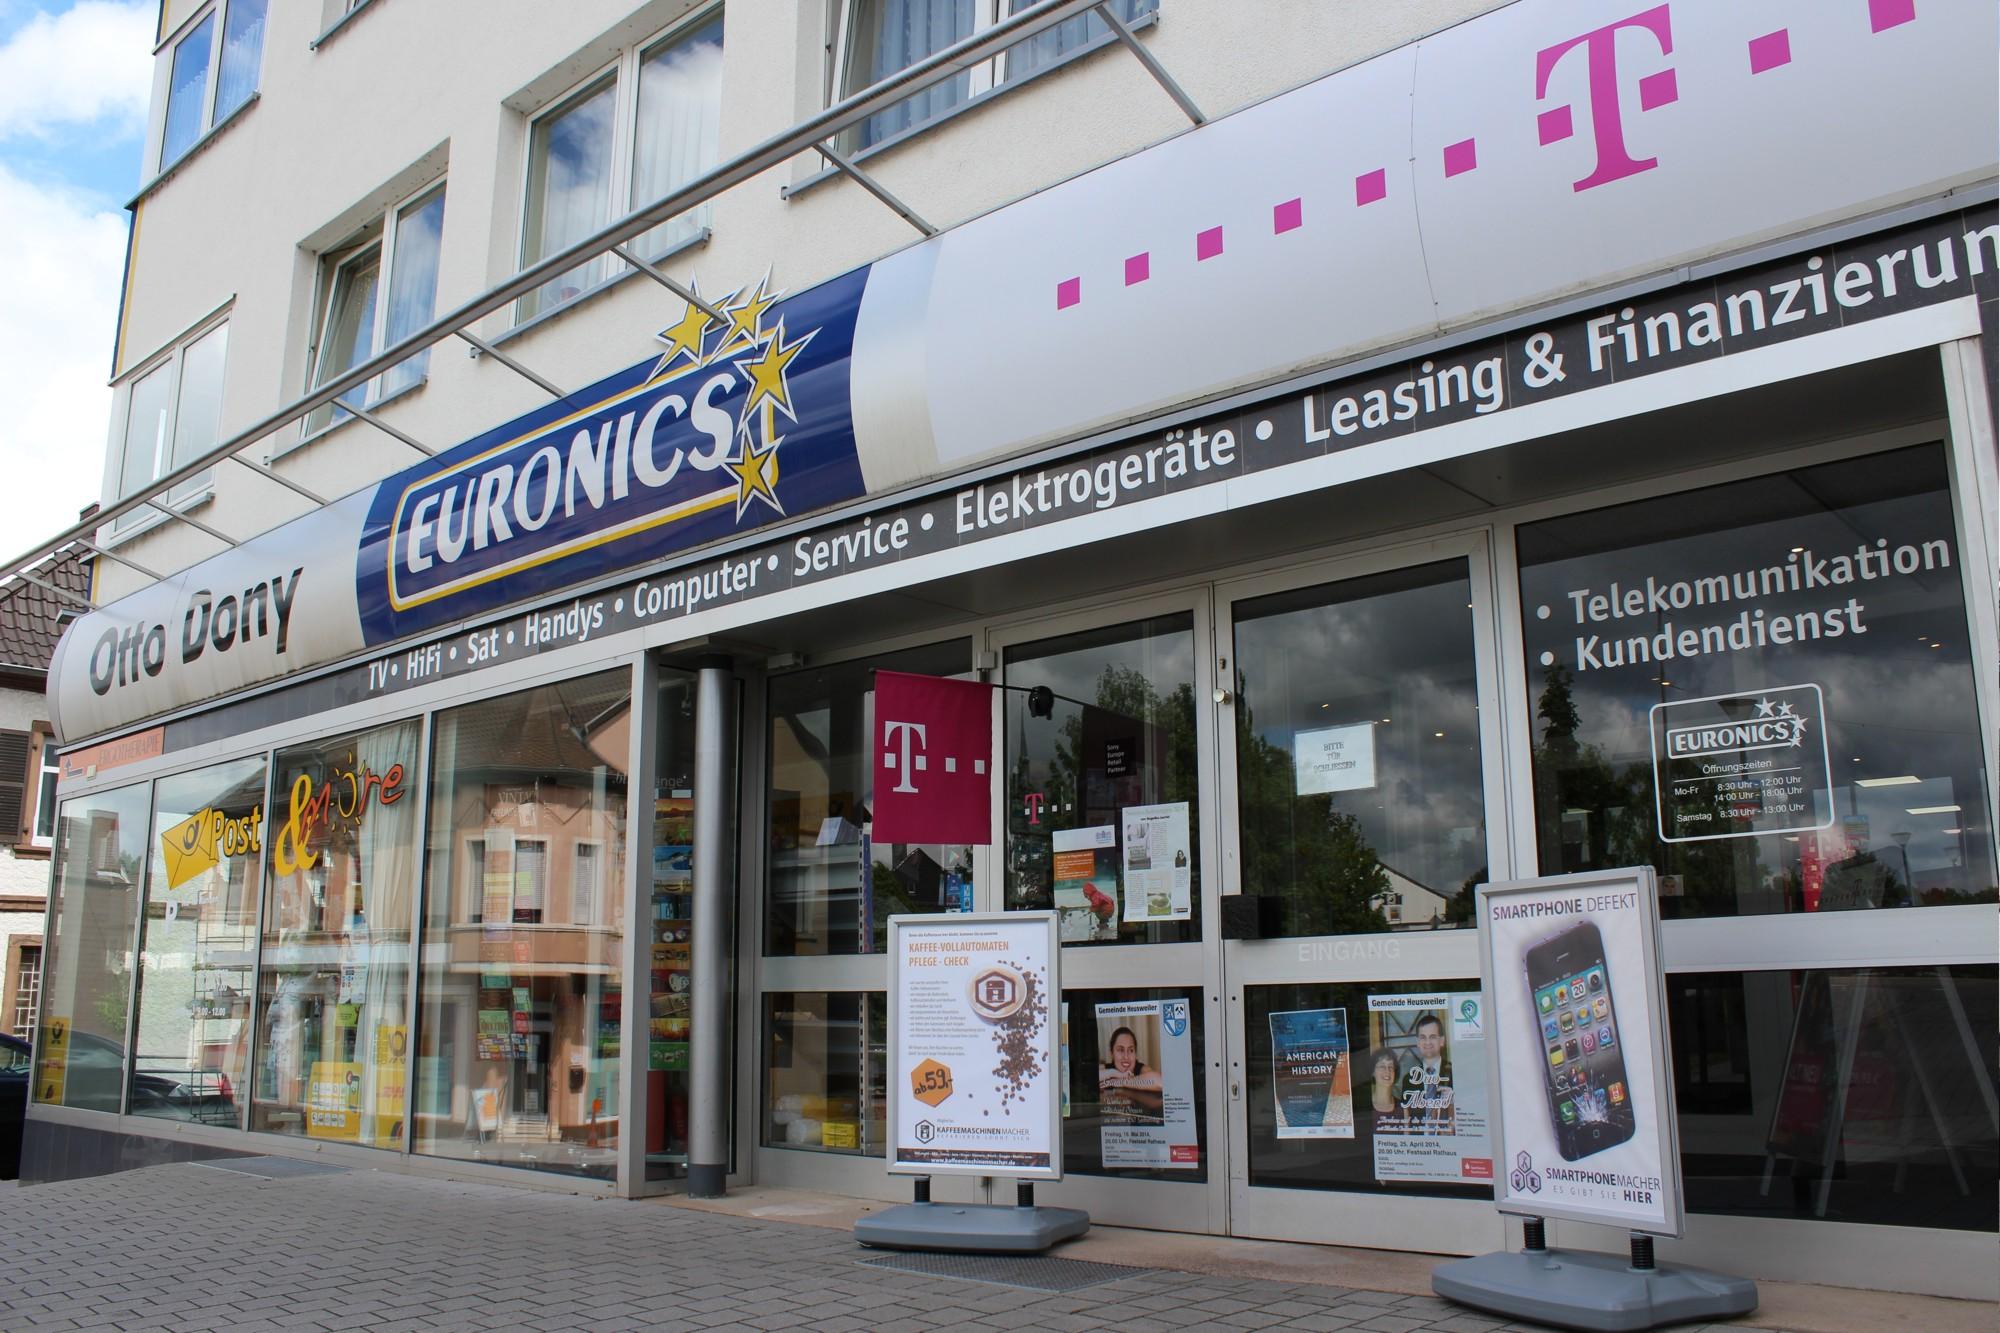 Euronics Otto-Dony & Co GmbH